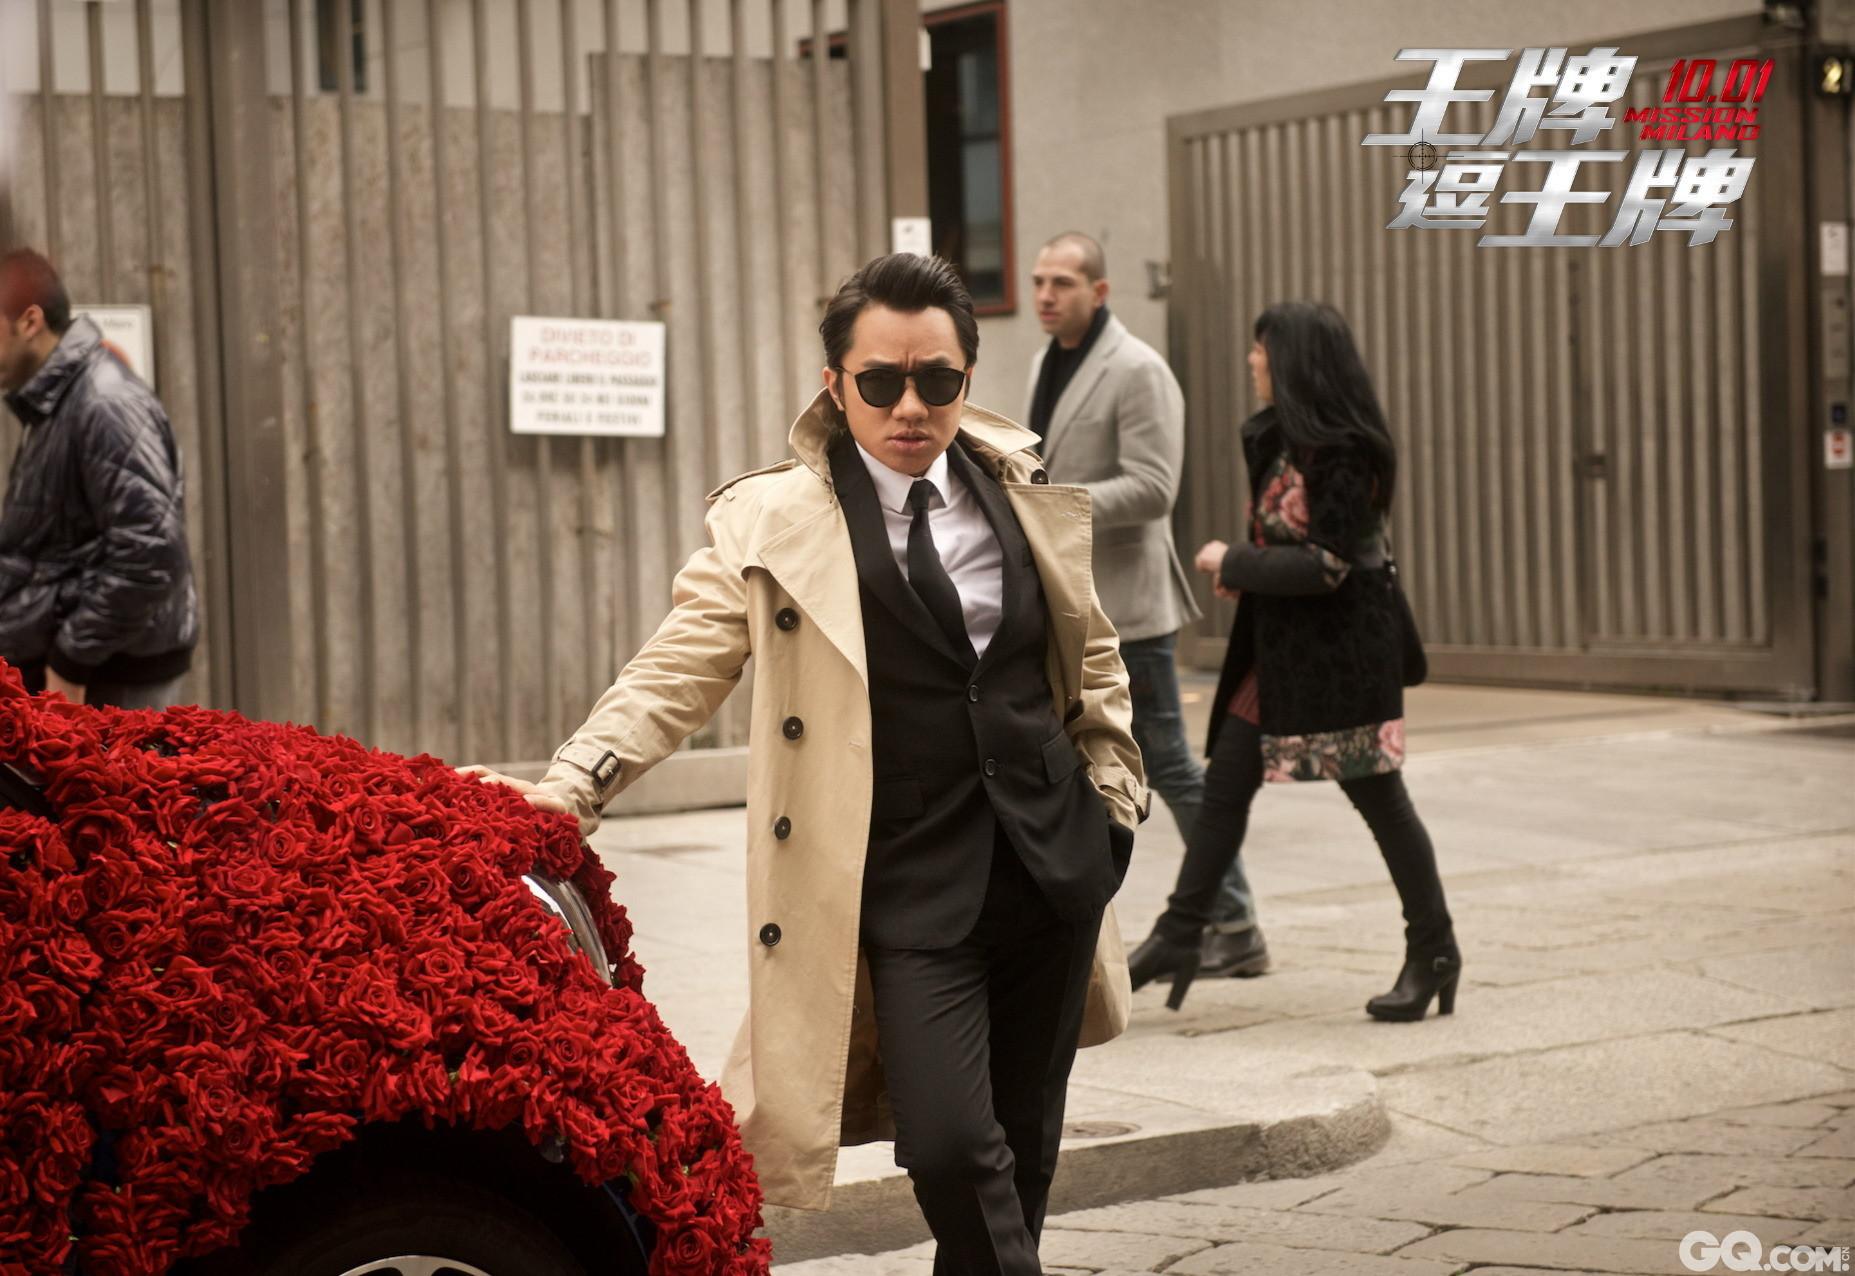 电影里,王祖蓝首次以男扮女装的形象亮相,脚踩10厘米高跟鞋,一身粉色吊带短裙,披肩长发魅力十足,让围观群众大跌眼镜。